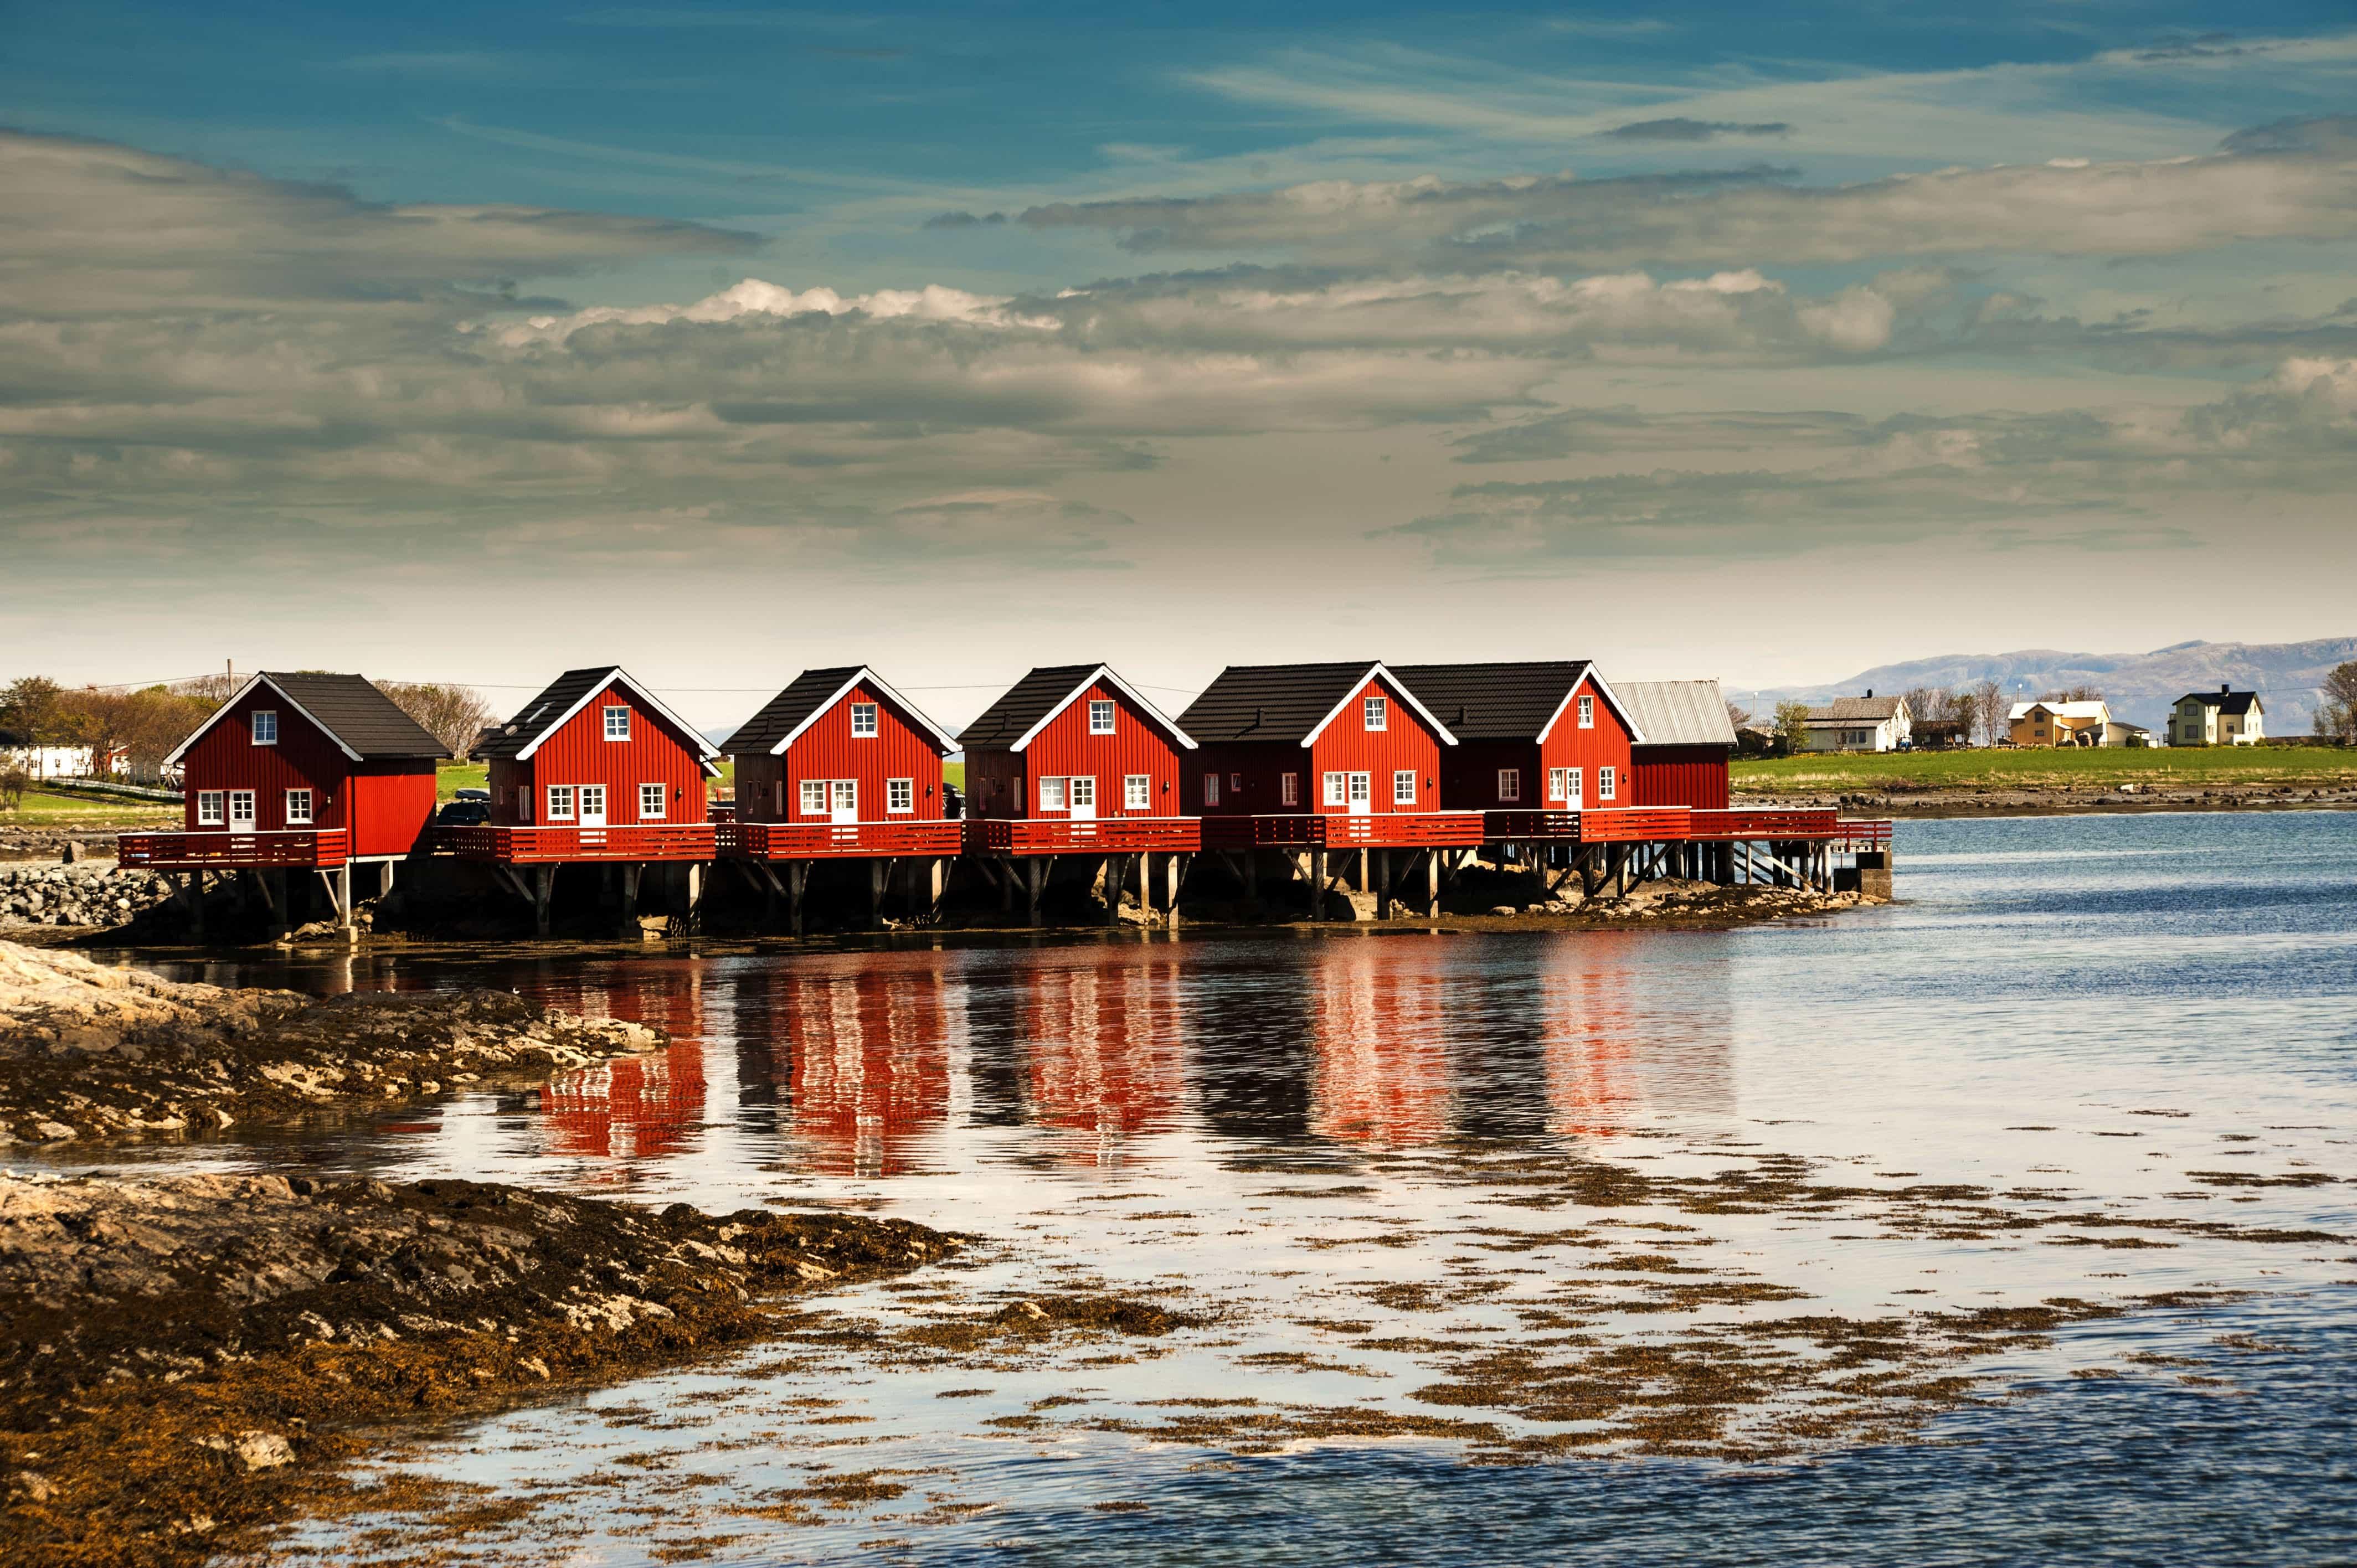 Brekstad, Norway